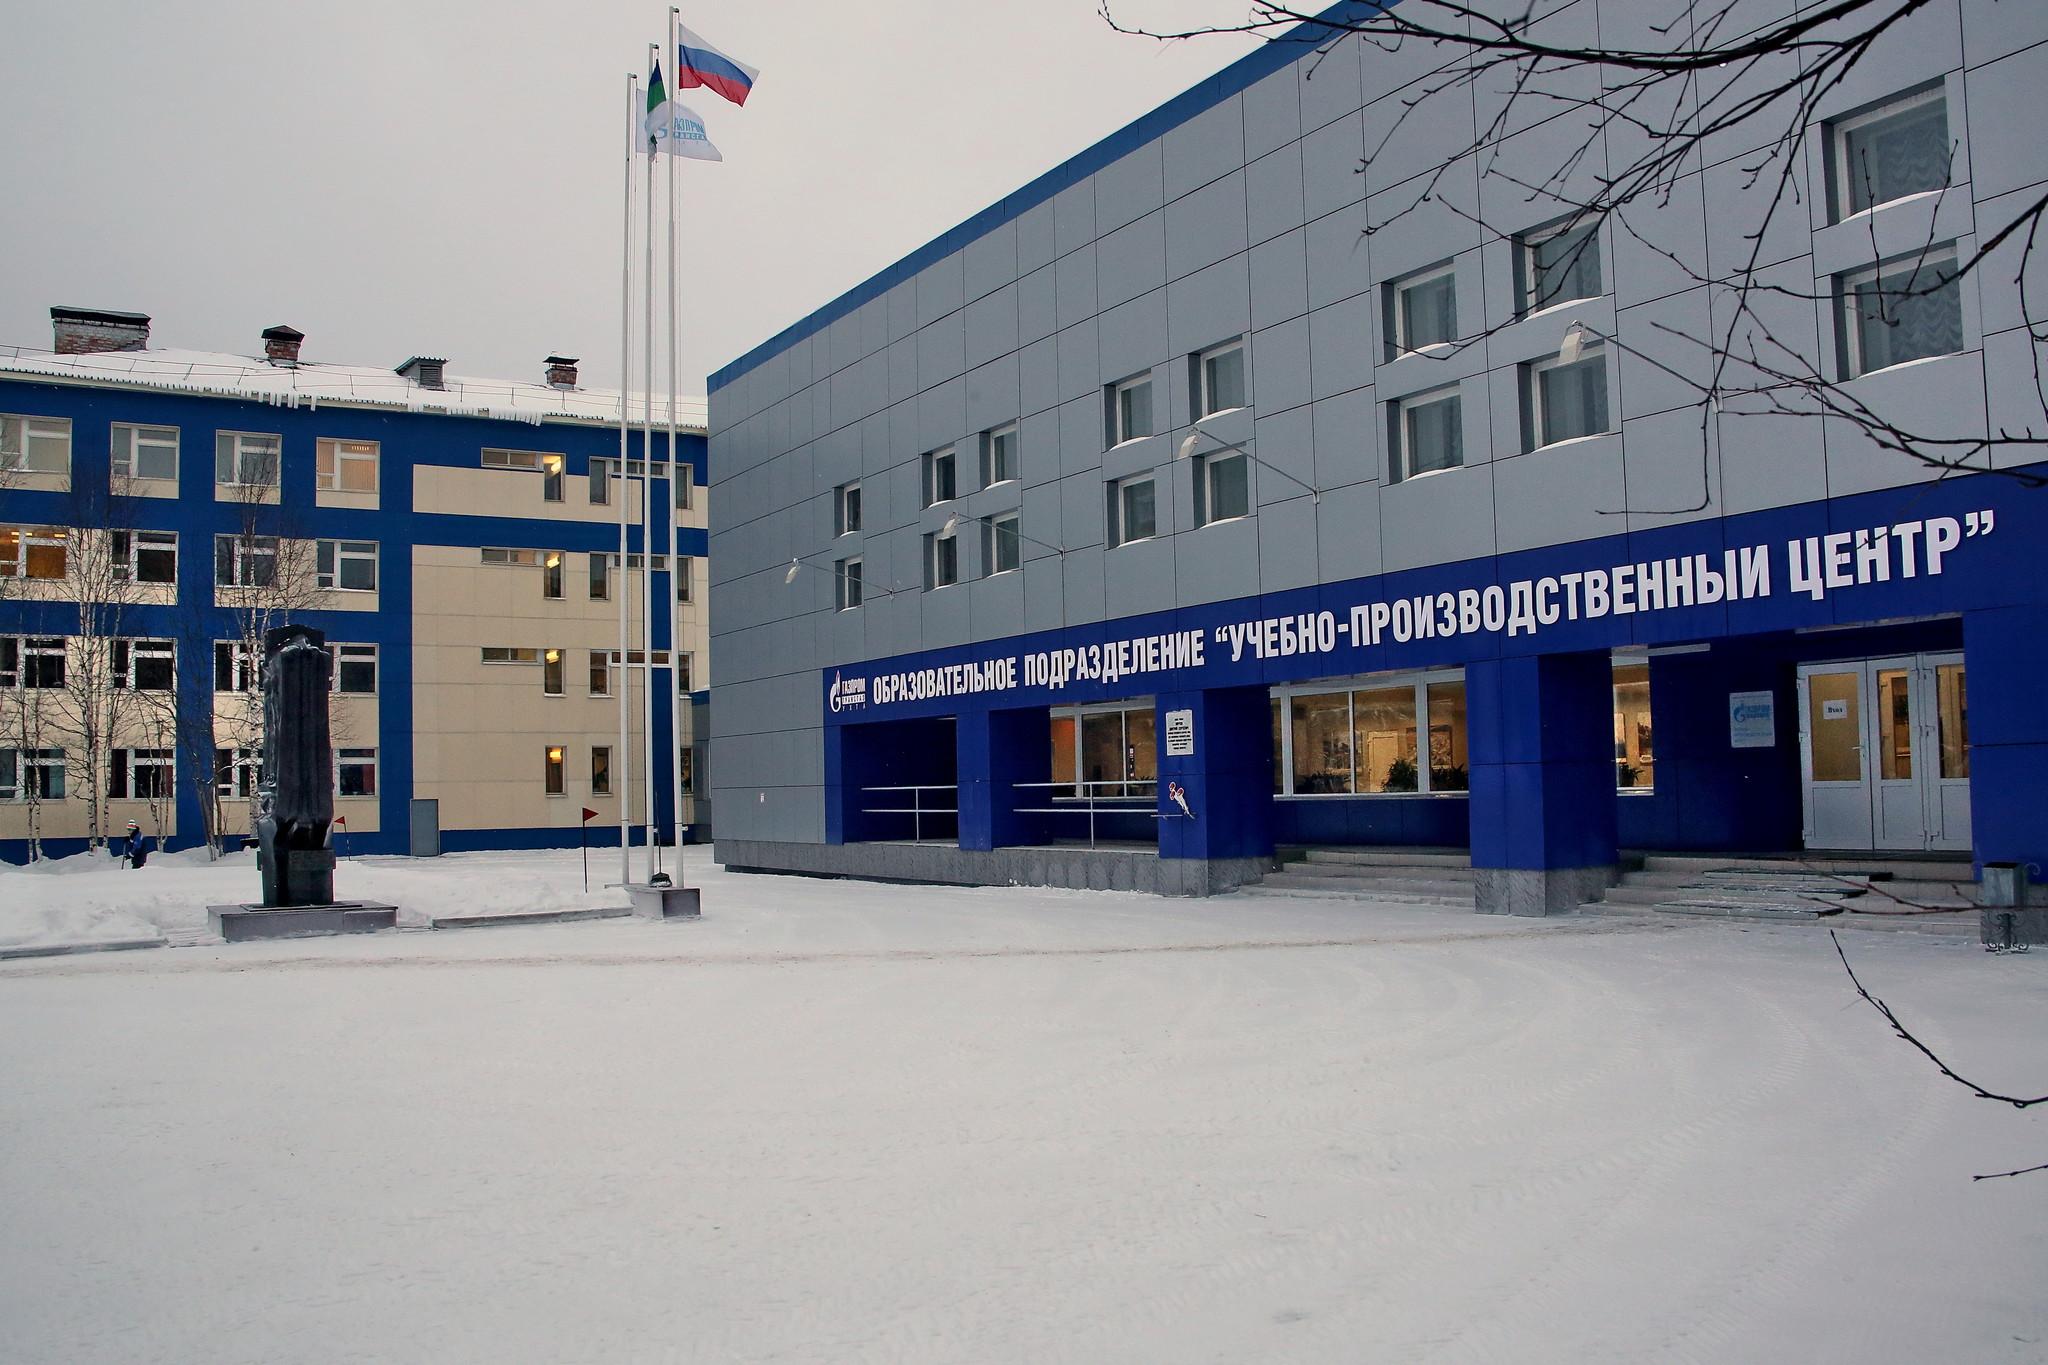 Лор врач в центре москвы